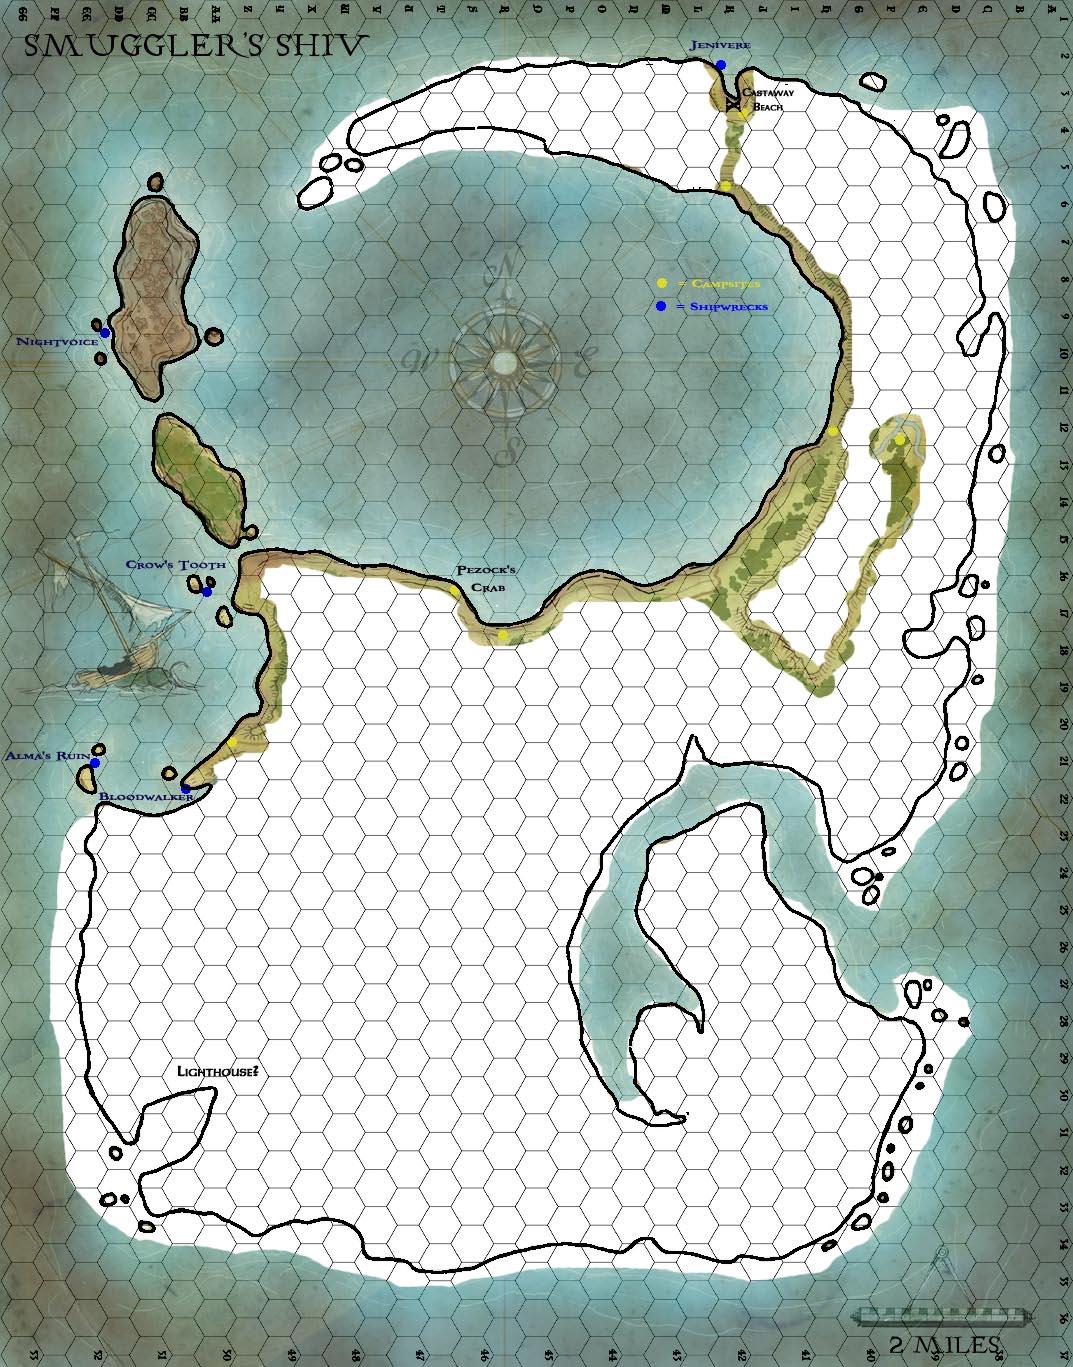 Smugglers shiv map